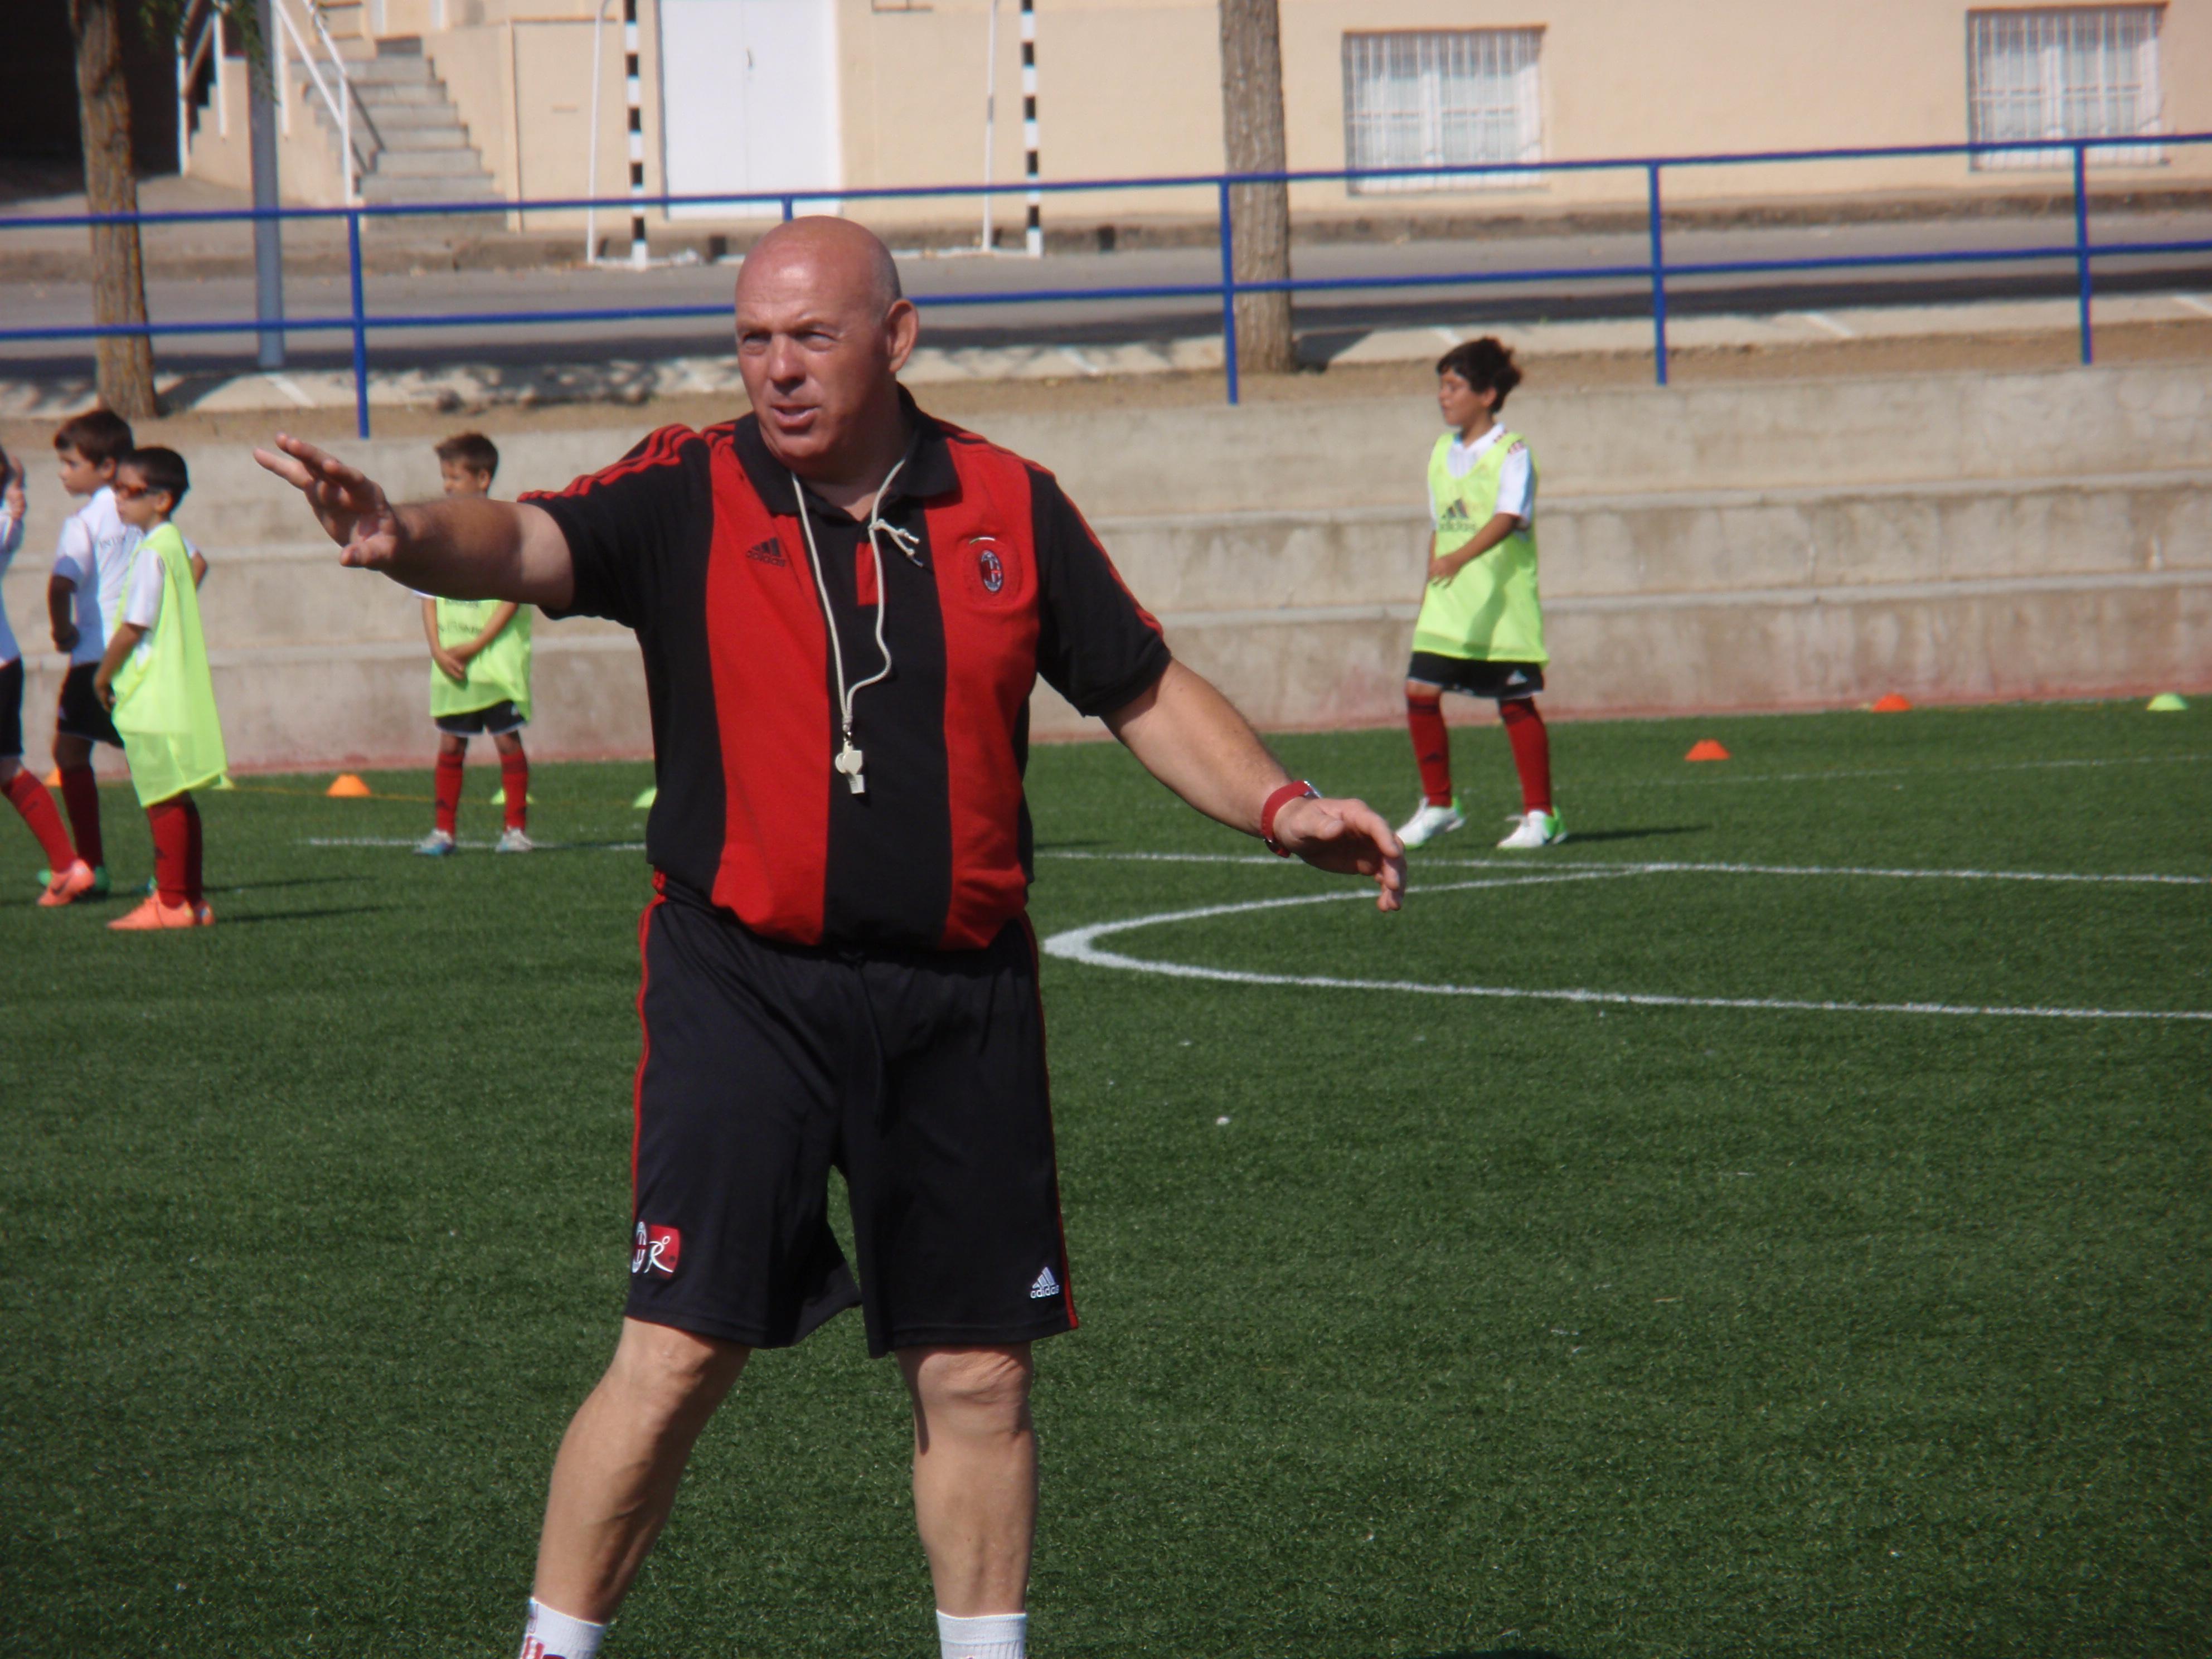 Fútbol y entretenimiento en las instalaciones del Colegio San José